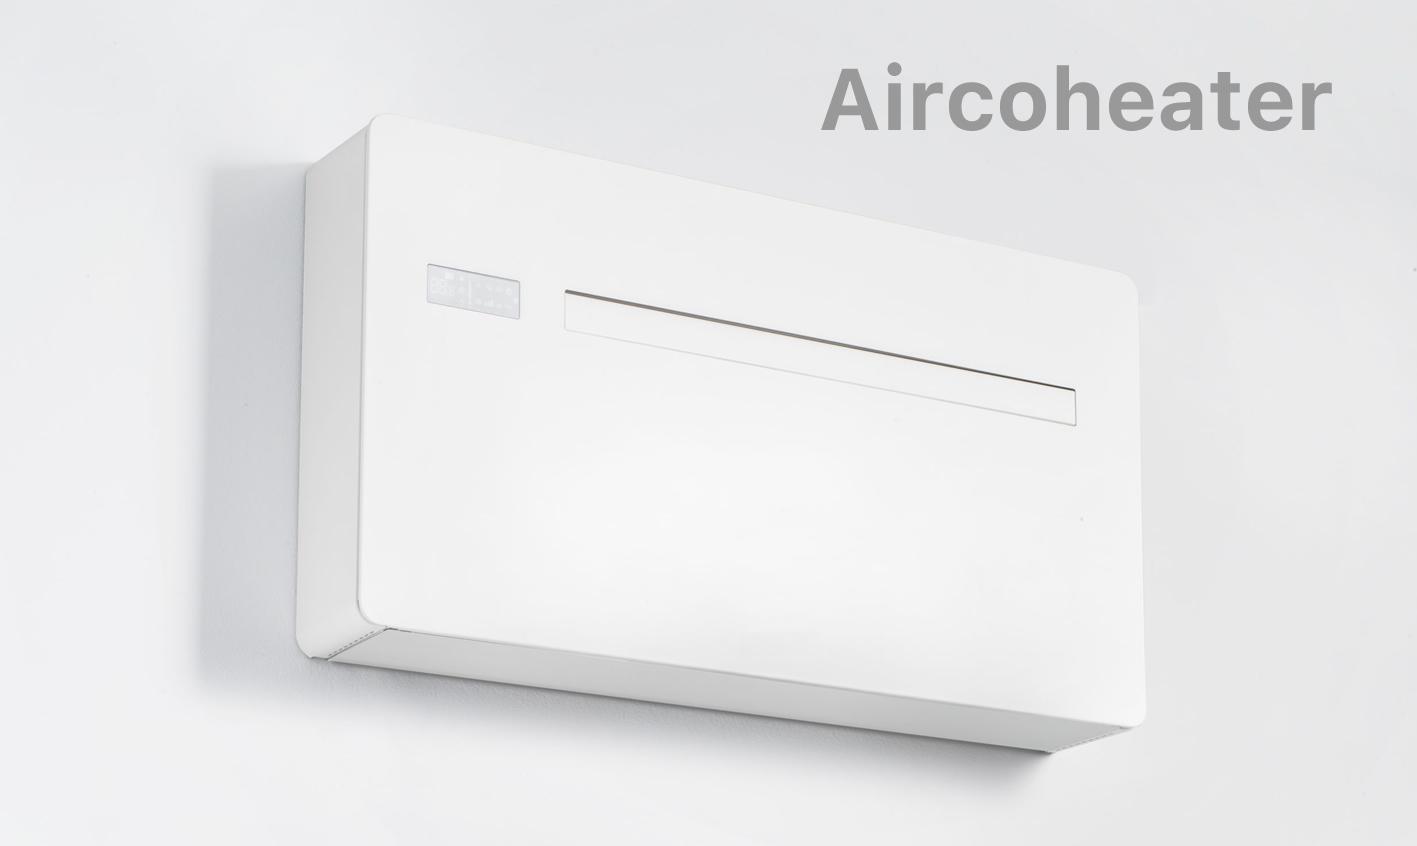 Aircoheater